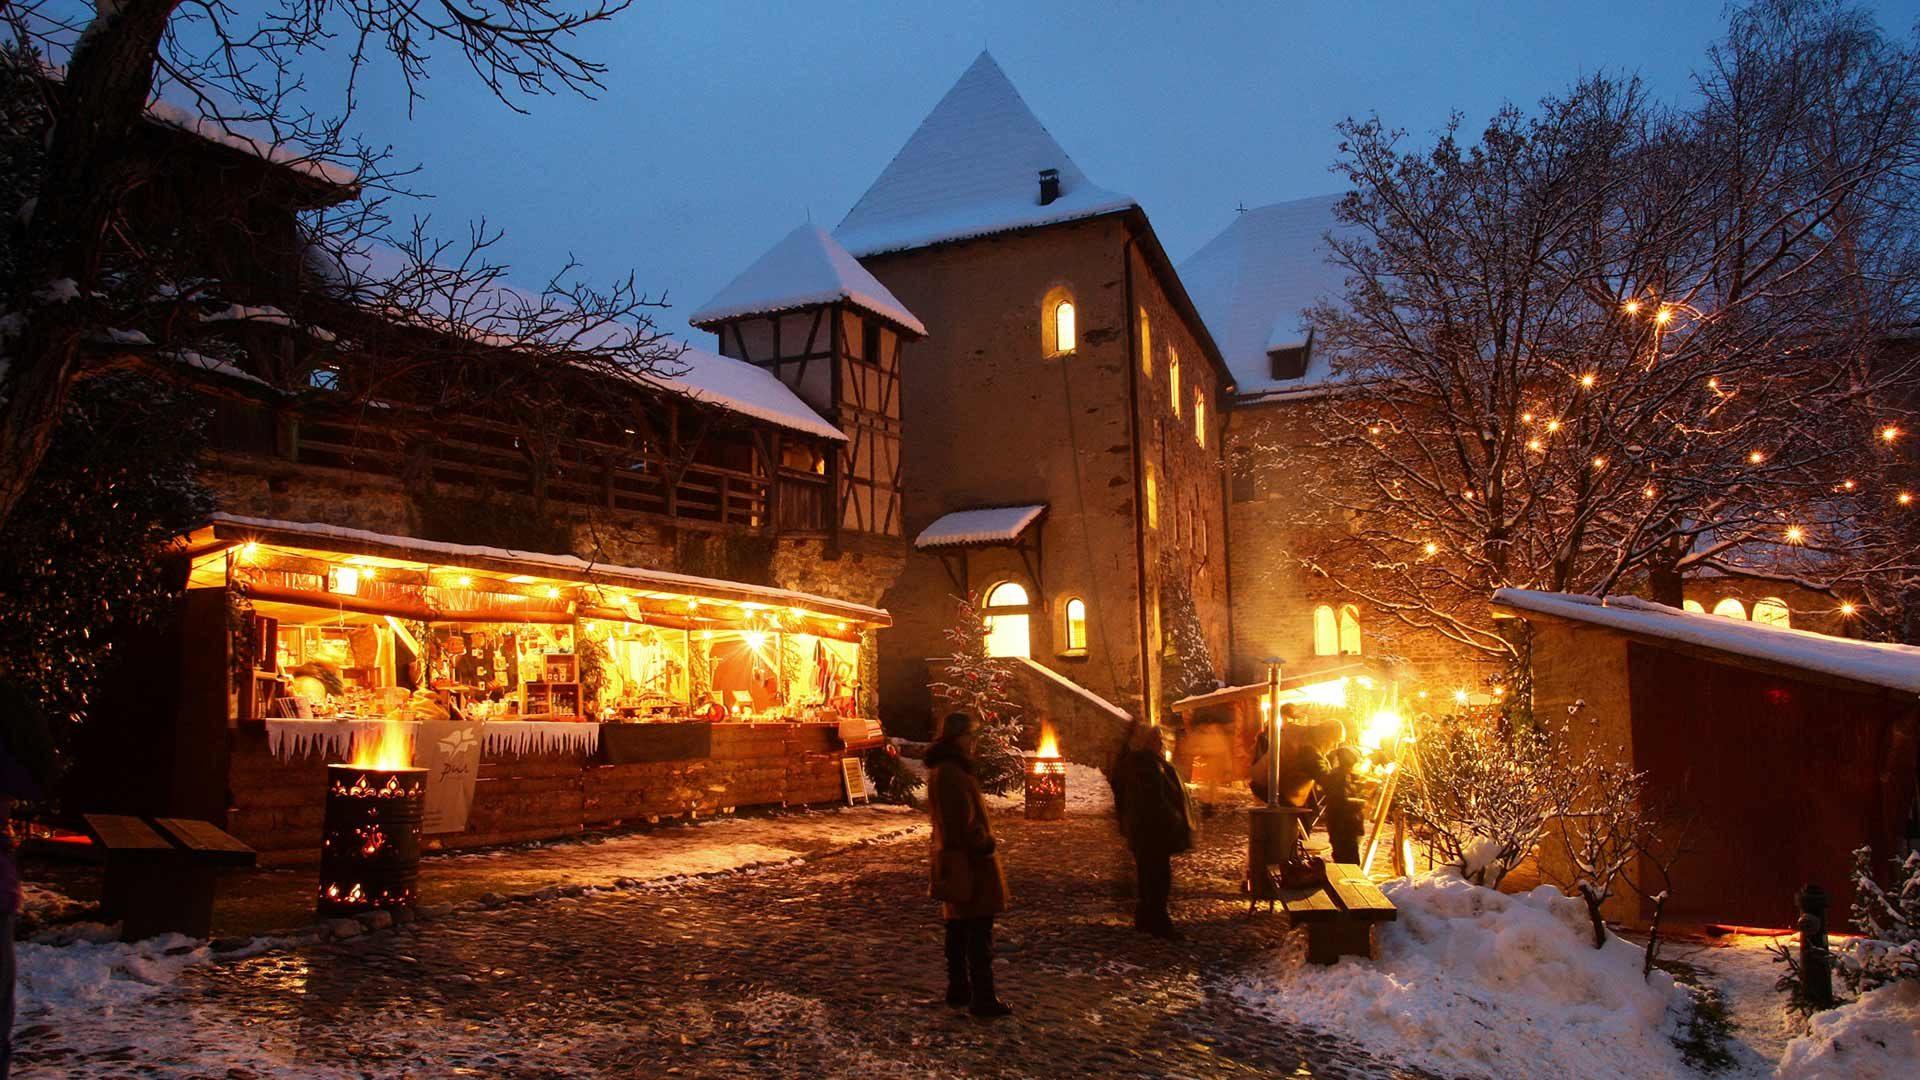 Tiroler Schlossadvent - Schloss Tirol